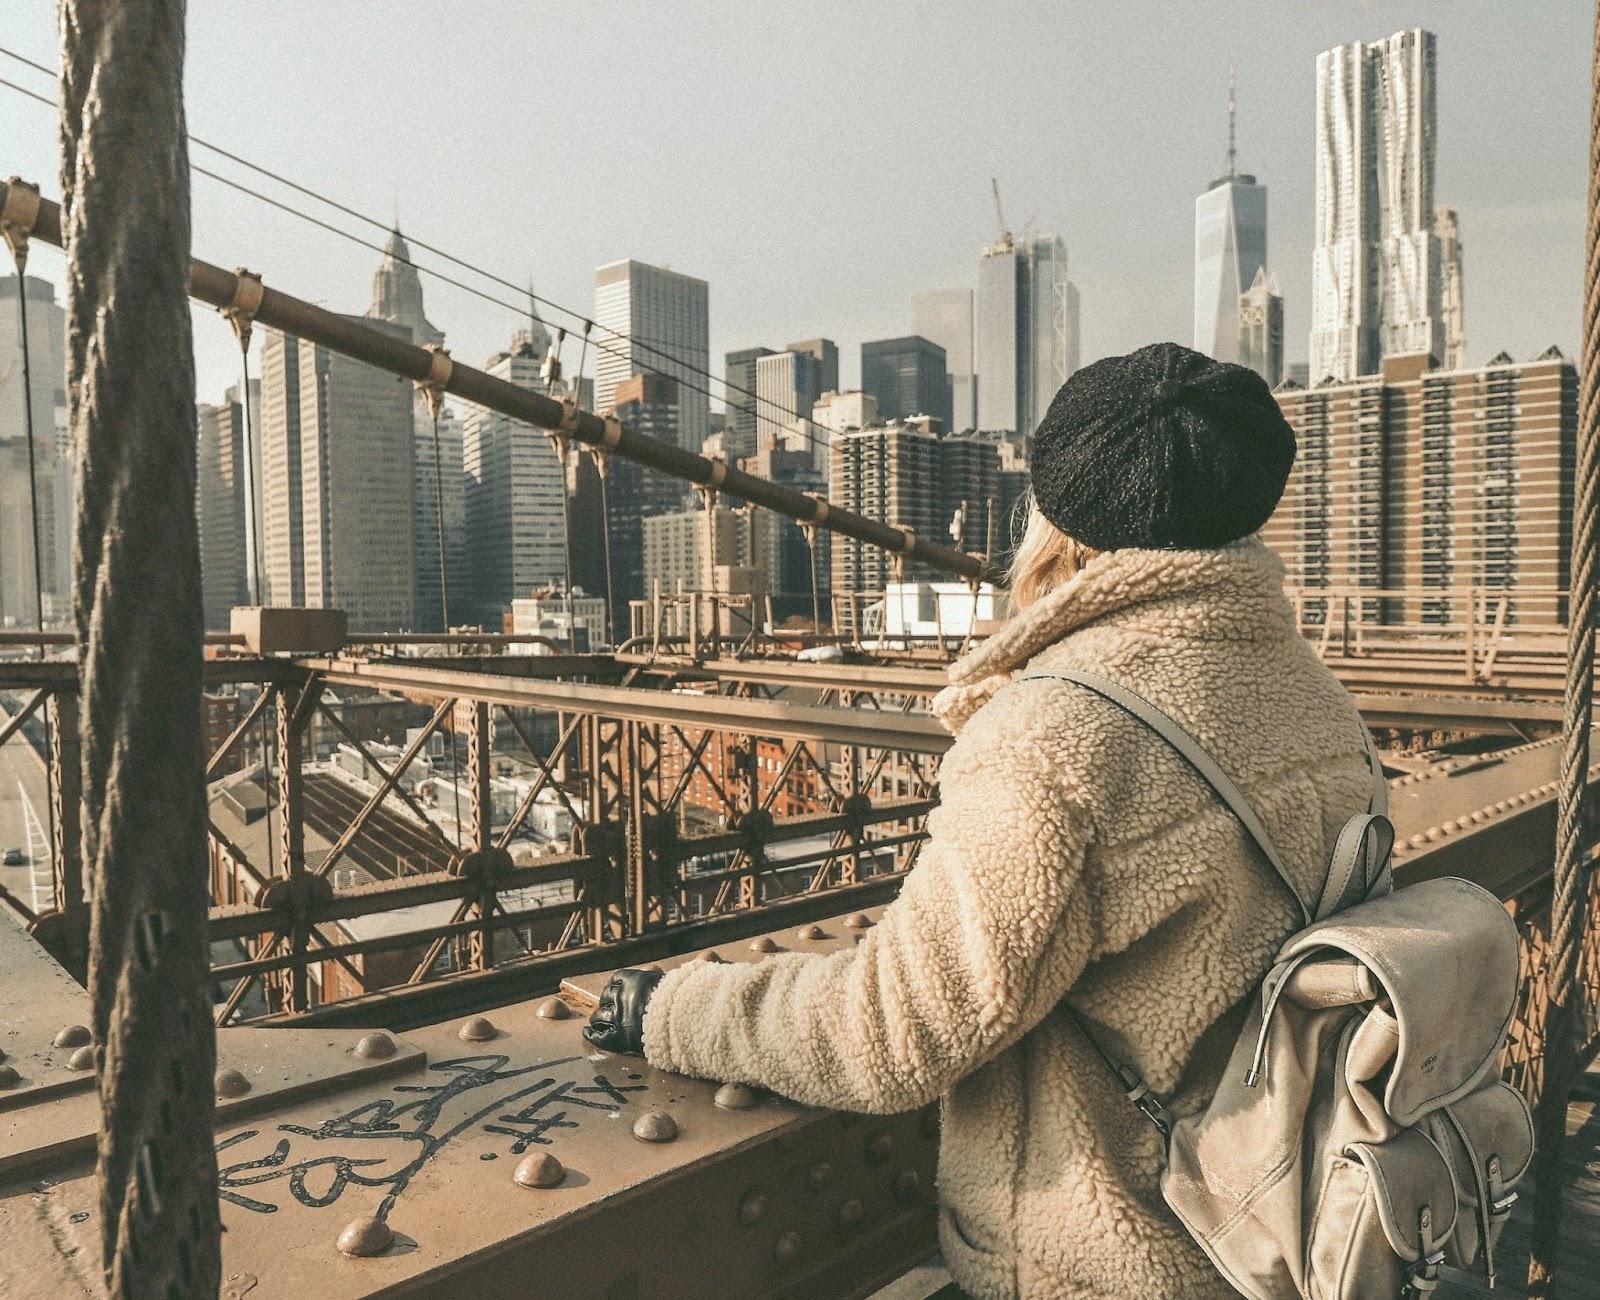 Brooklyn Bridge winter outfit shearling coat